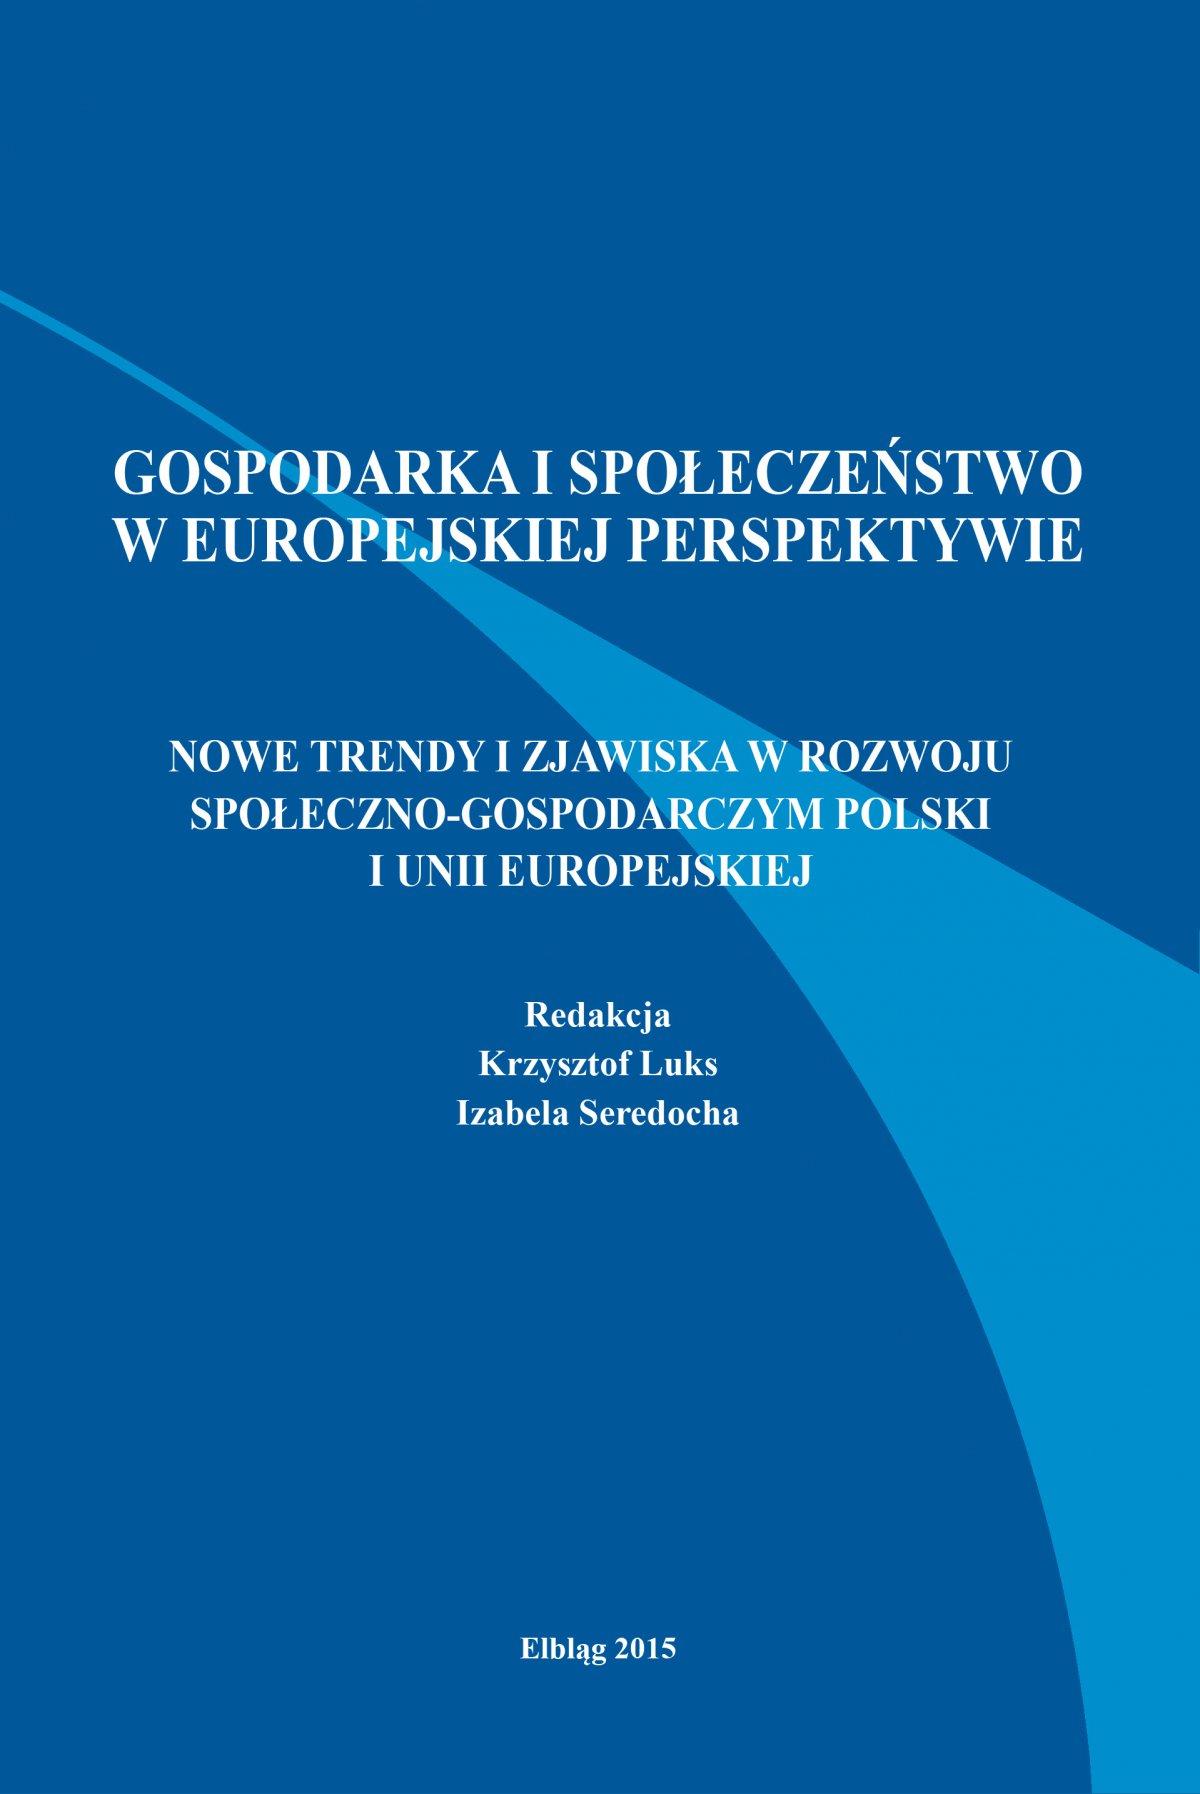 Nowe trendy i zjawiska w rozwoju społeczno-gospodarczym Polski i Unii Europejskiej - Ebook (Książka PDF) do pobrania w formacie PDF